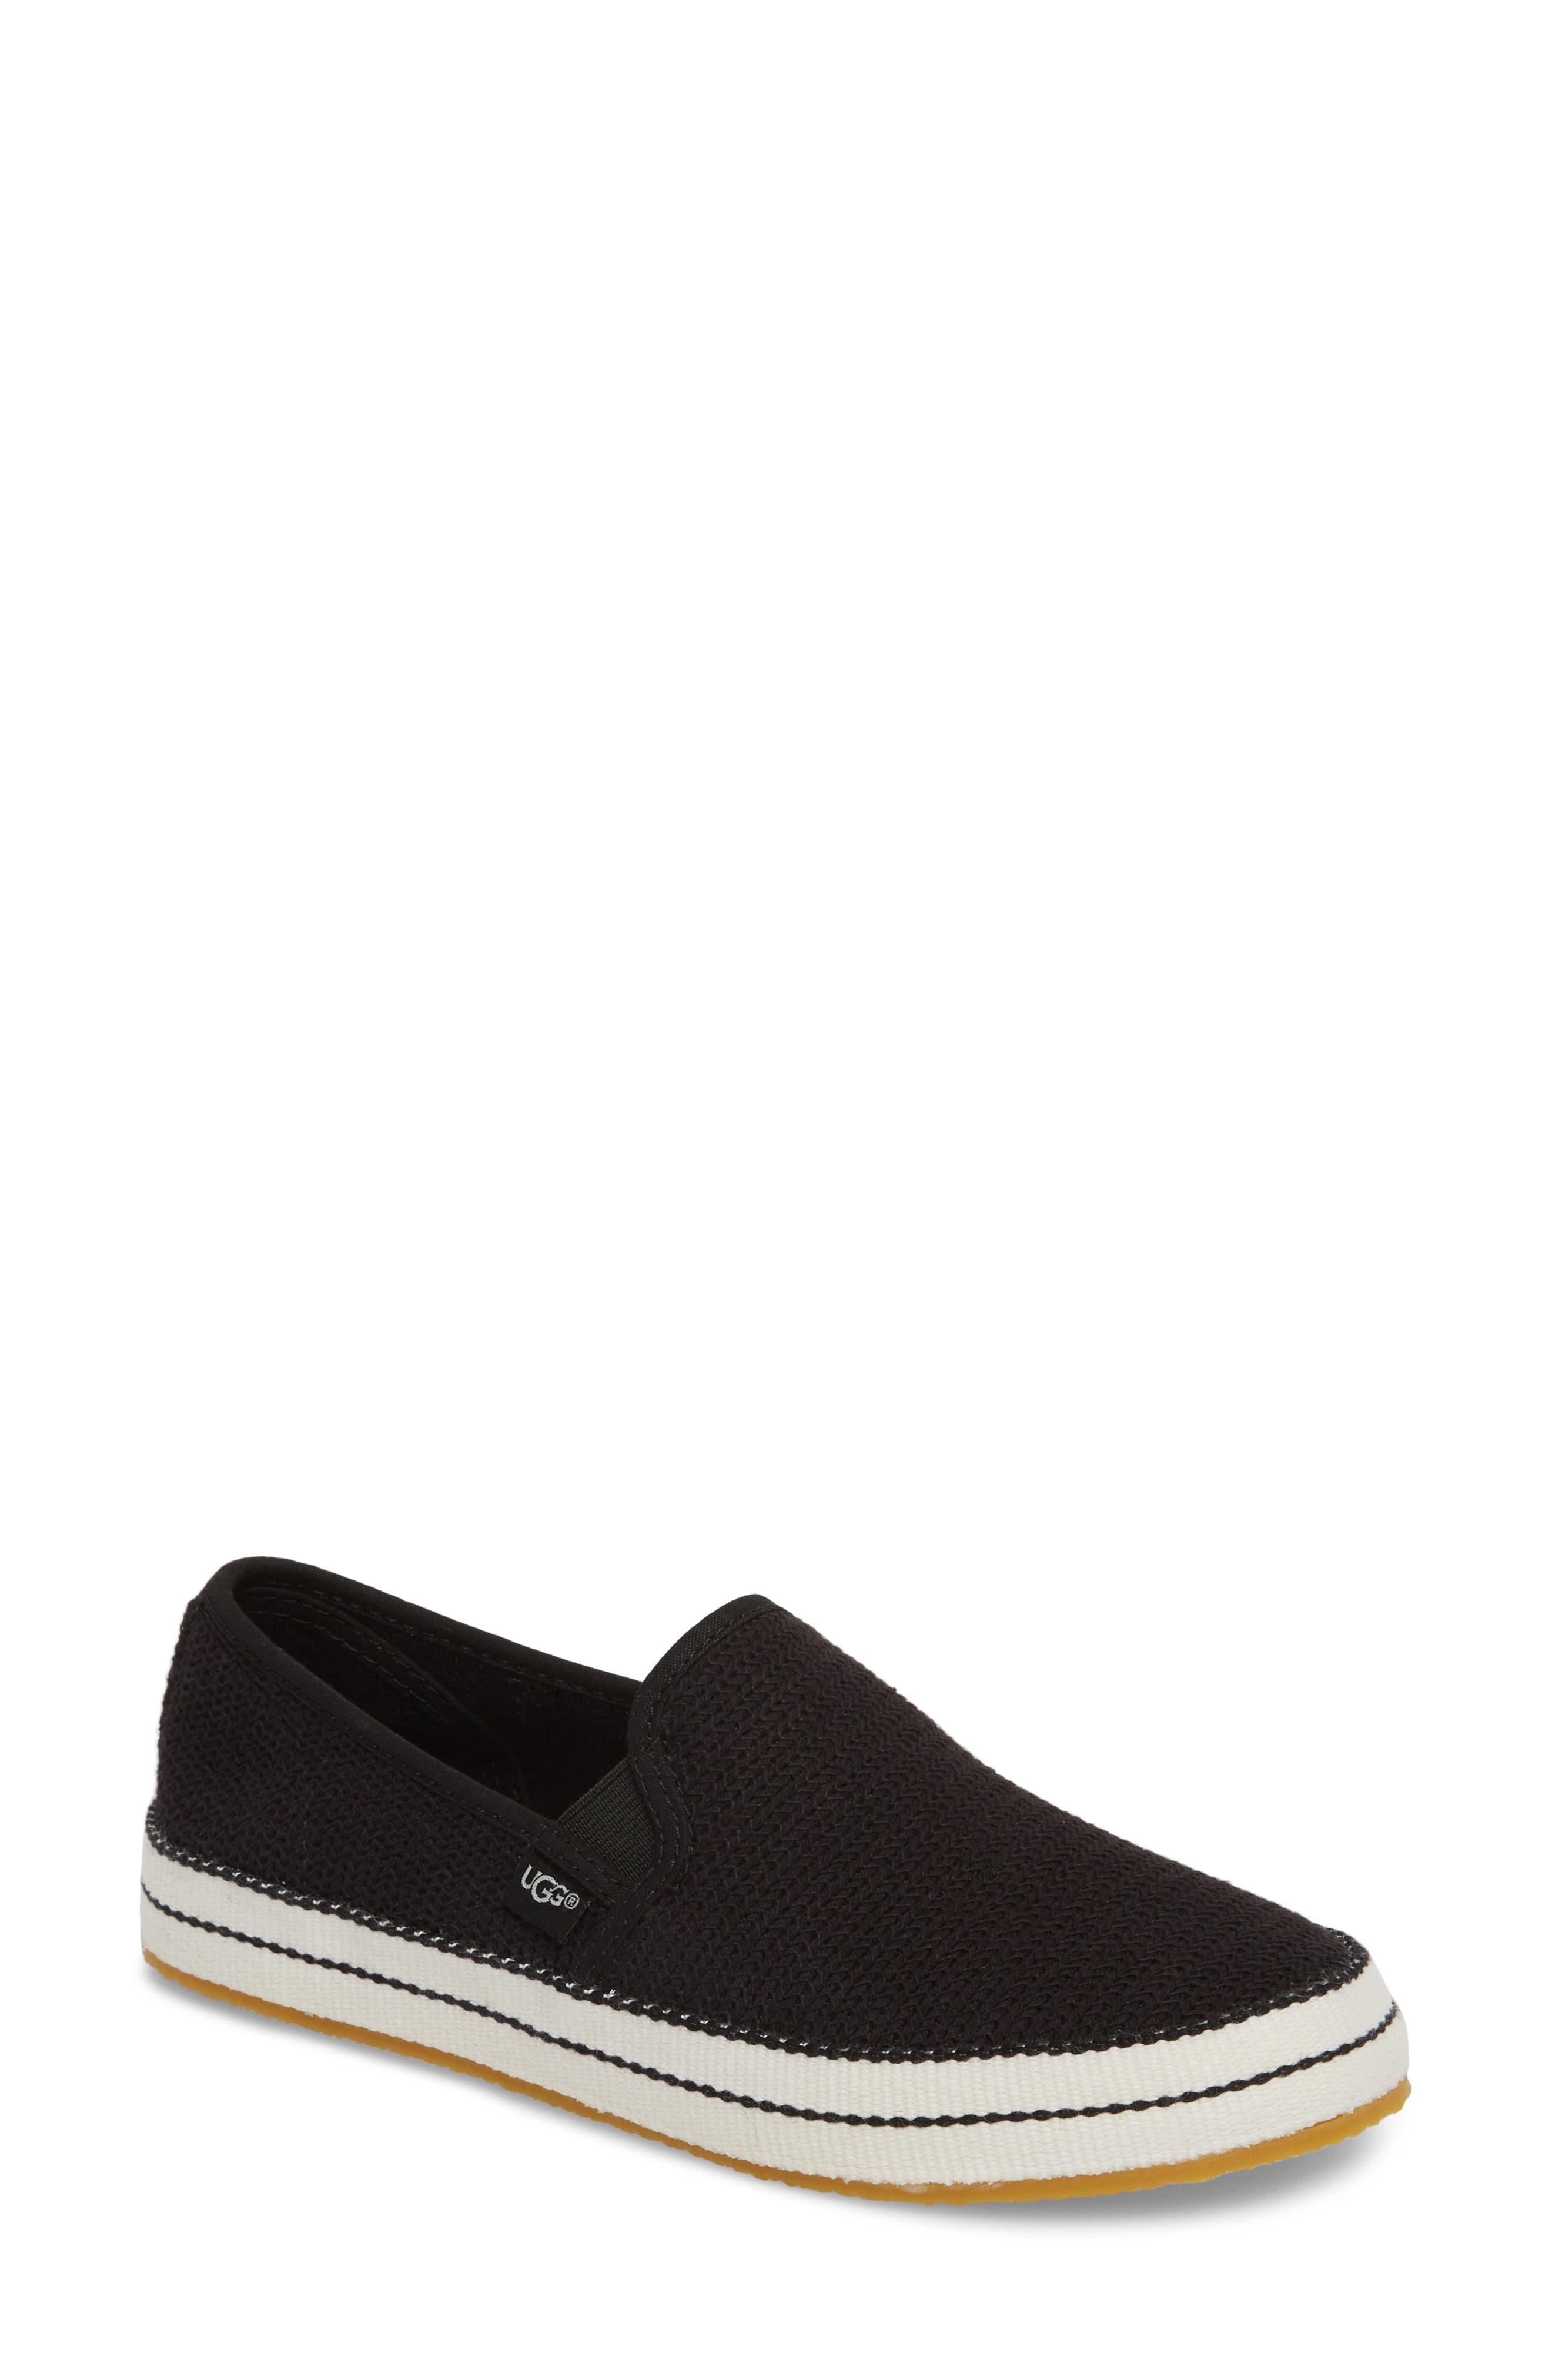 Bren Slip-On Sneaker,                             Main thumbnail 1, color,                             BLACK